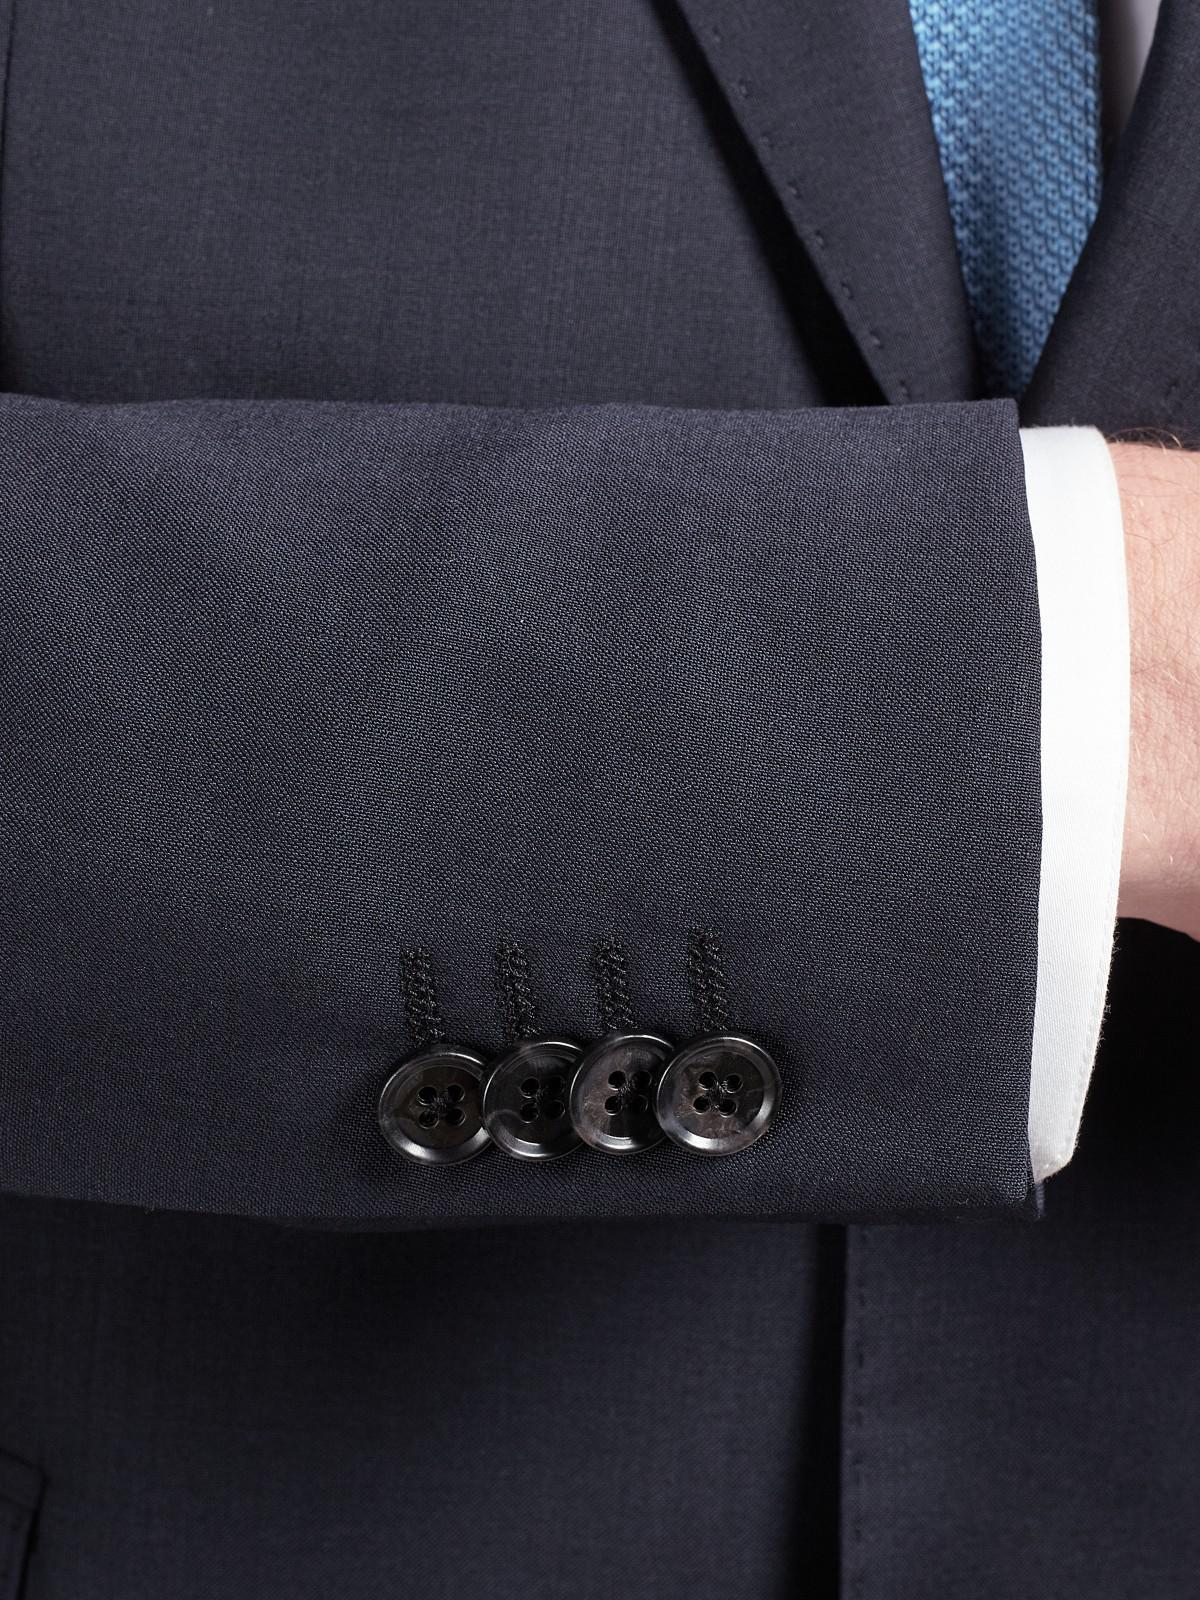 J.Lindeberg Comfort Stretch Wool Slim Suit Jacket in Navy (Blue) for Men